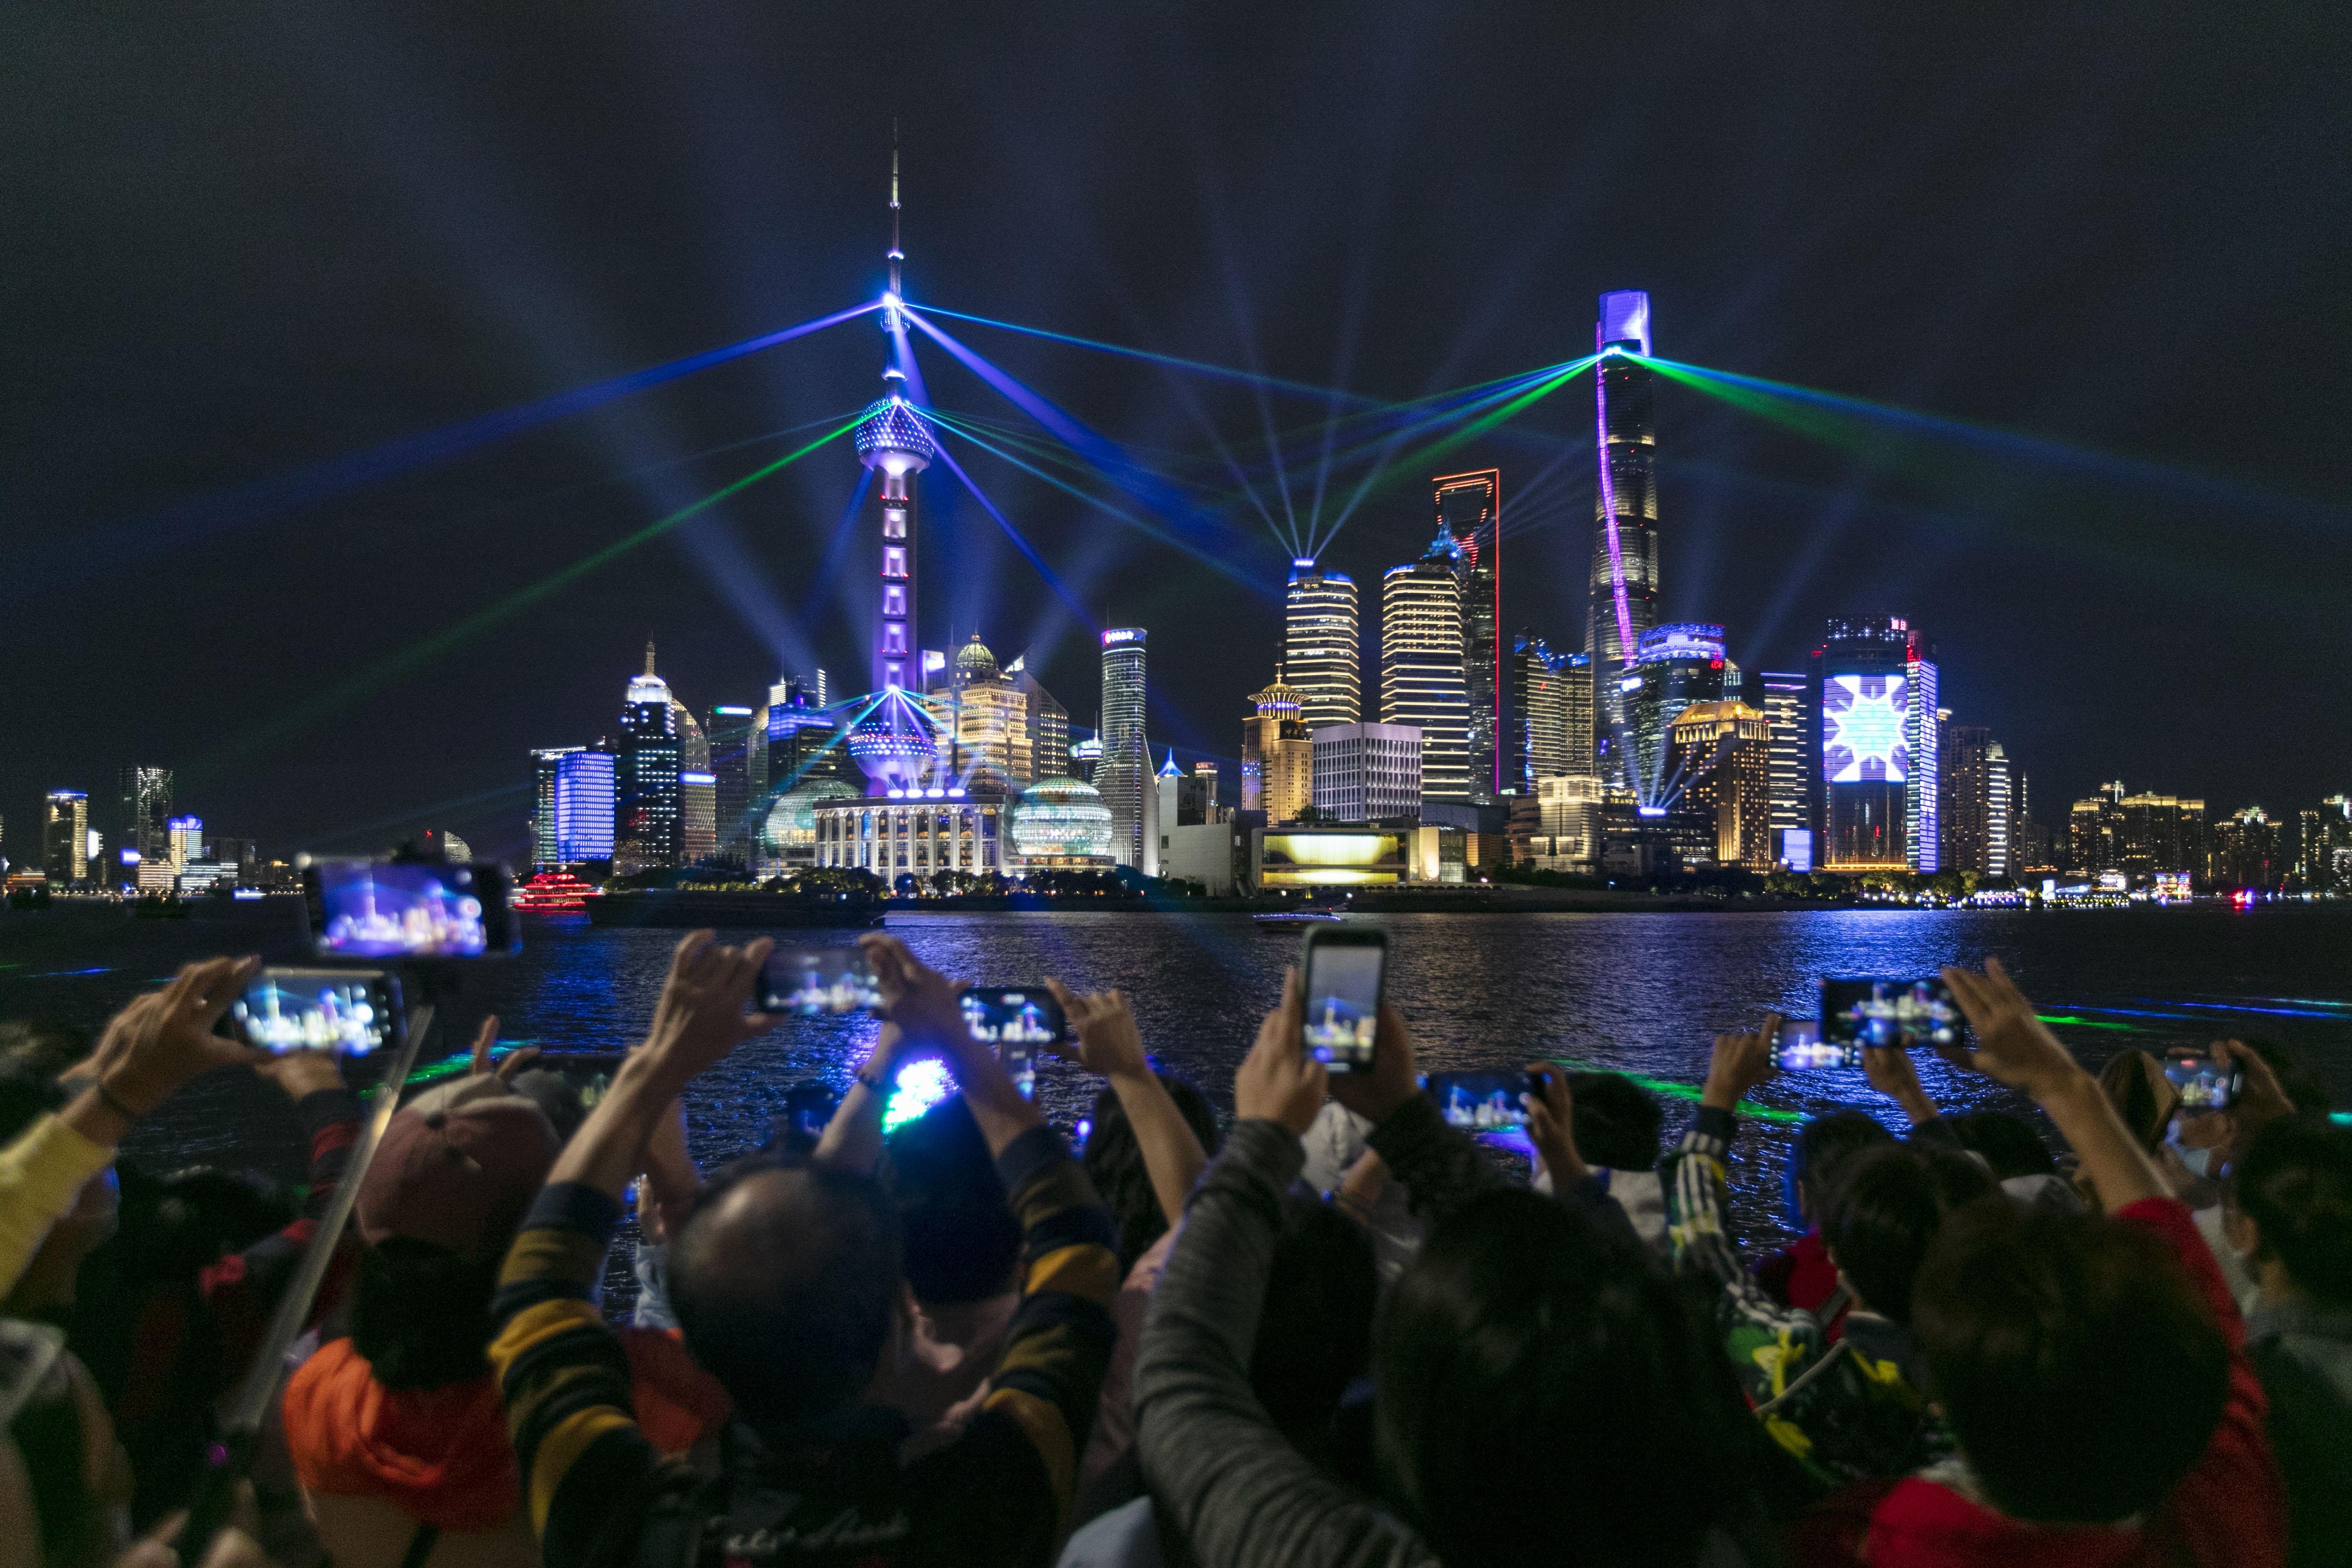 人們在上海外灘觀賞燈光秀(10月5日攝)。(新華社)